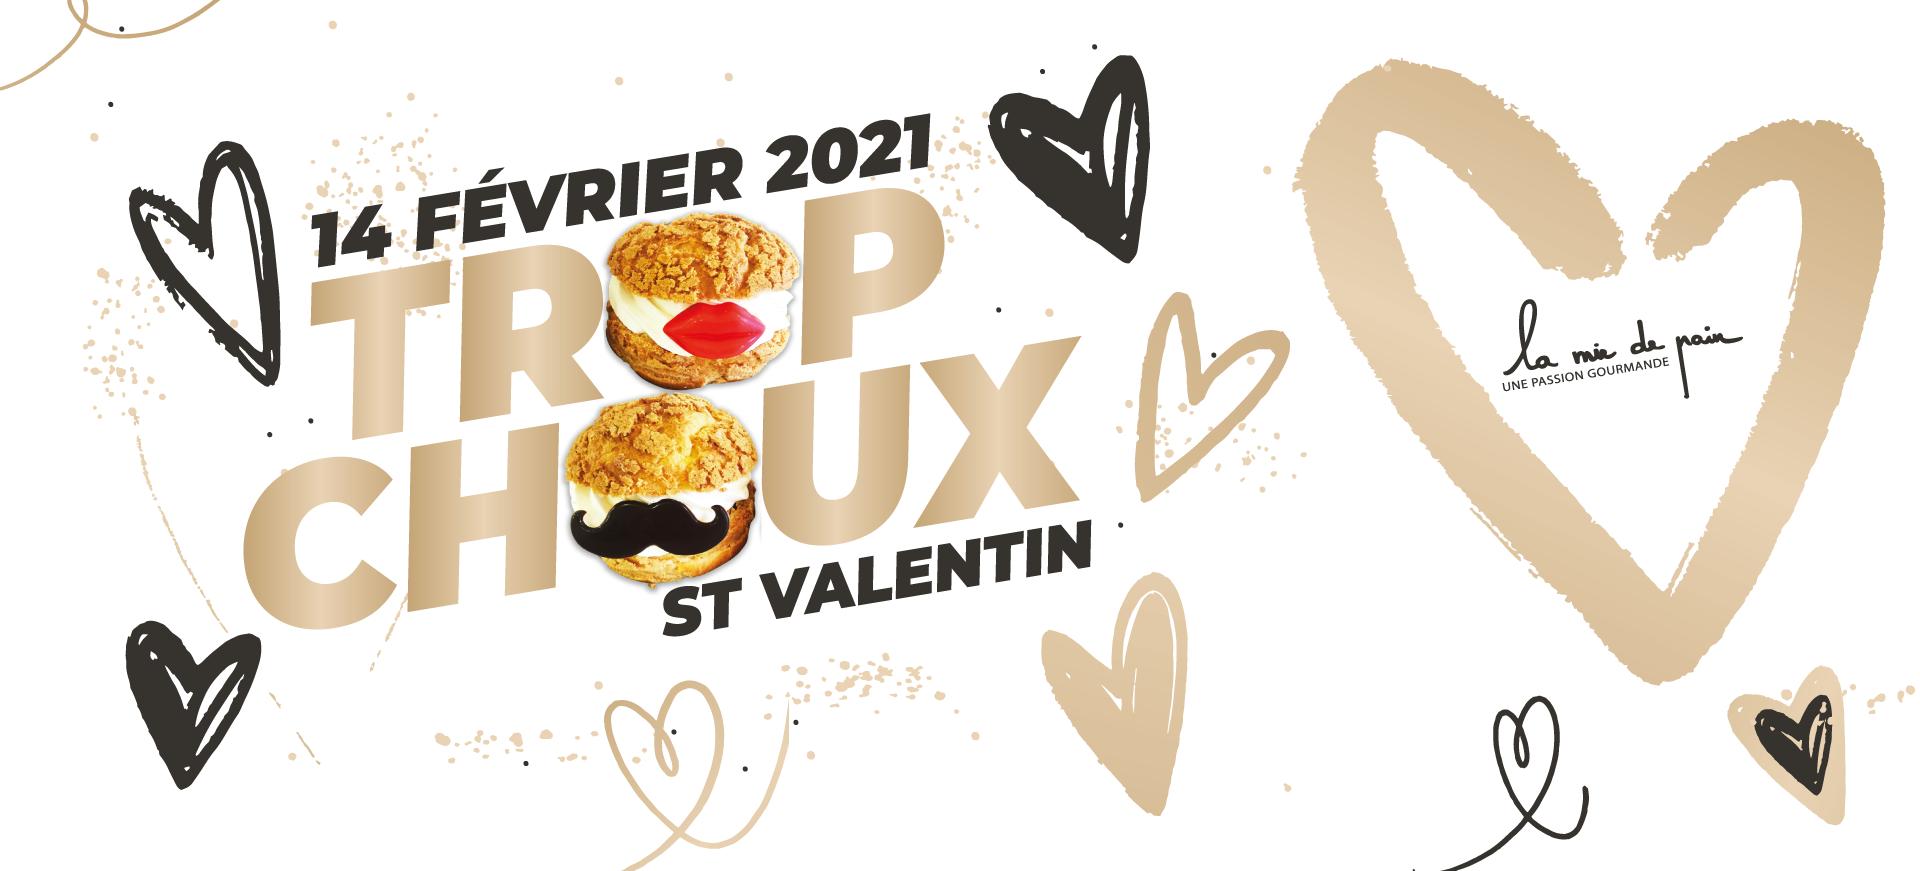 st-valentin-la-mie-de-pain-2021-choux-a-la-creme-1920x871px